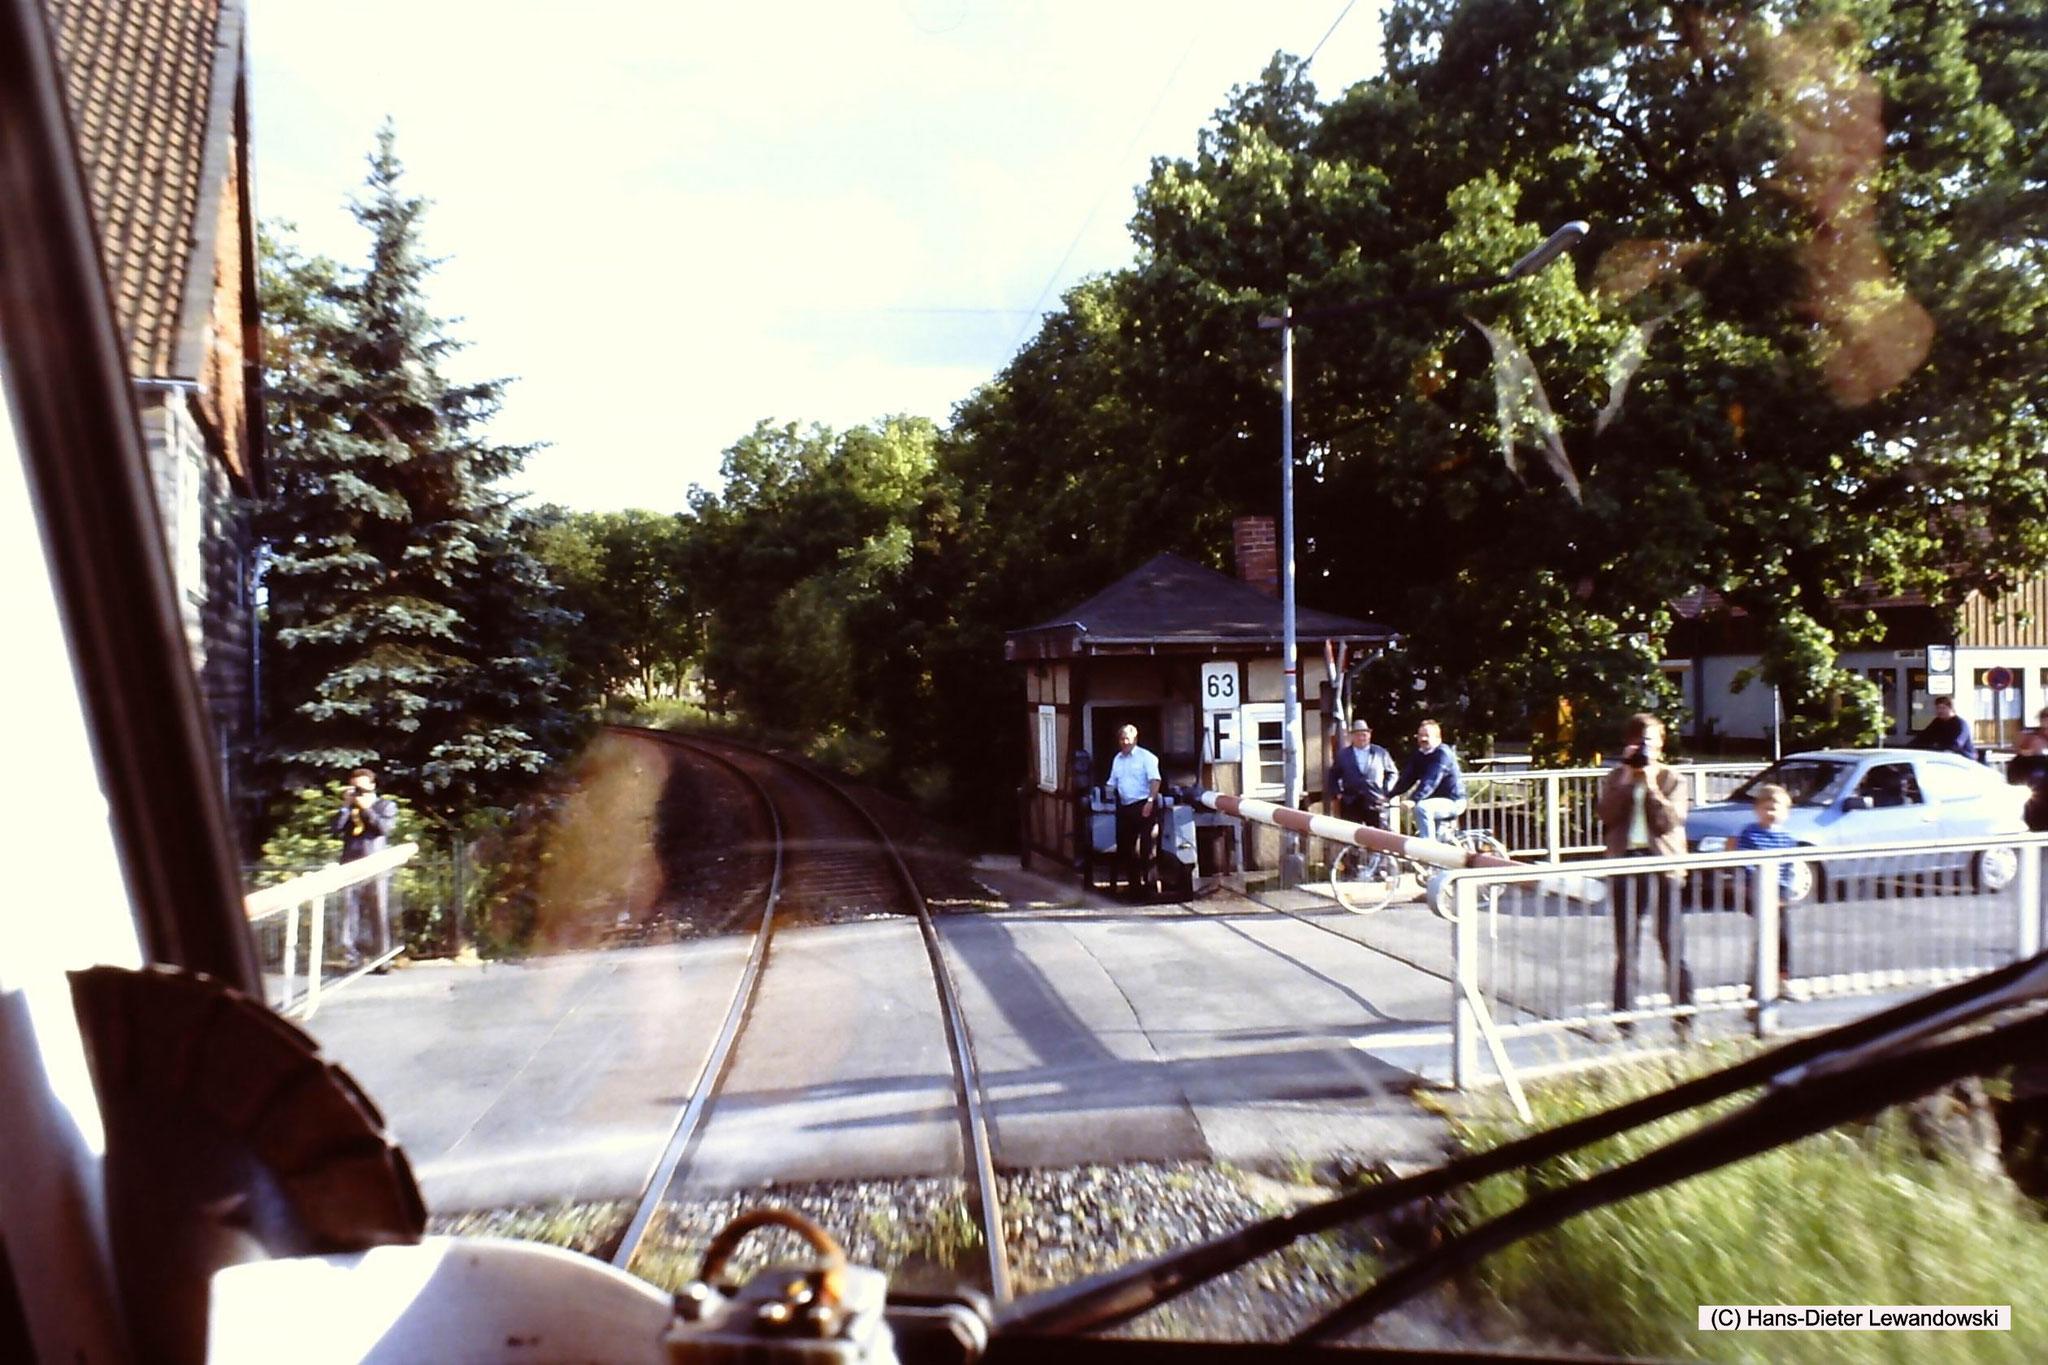 Schrankenposten 63 in Grossrhüden